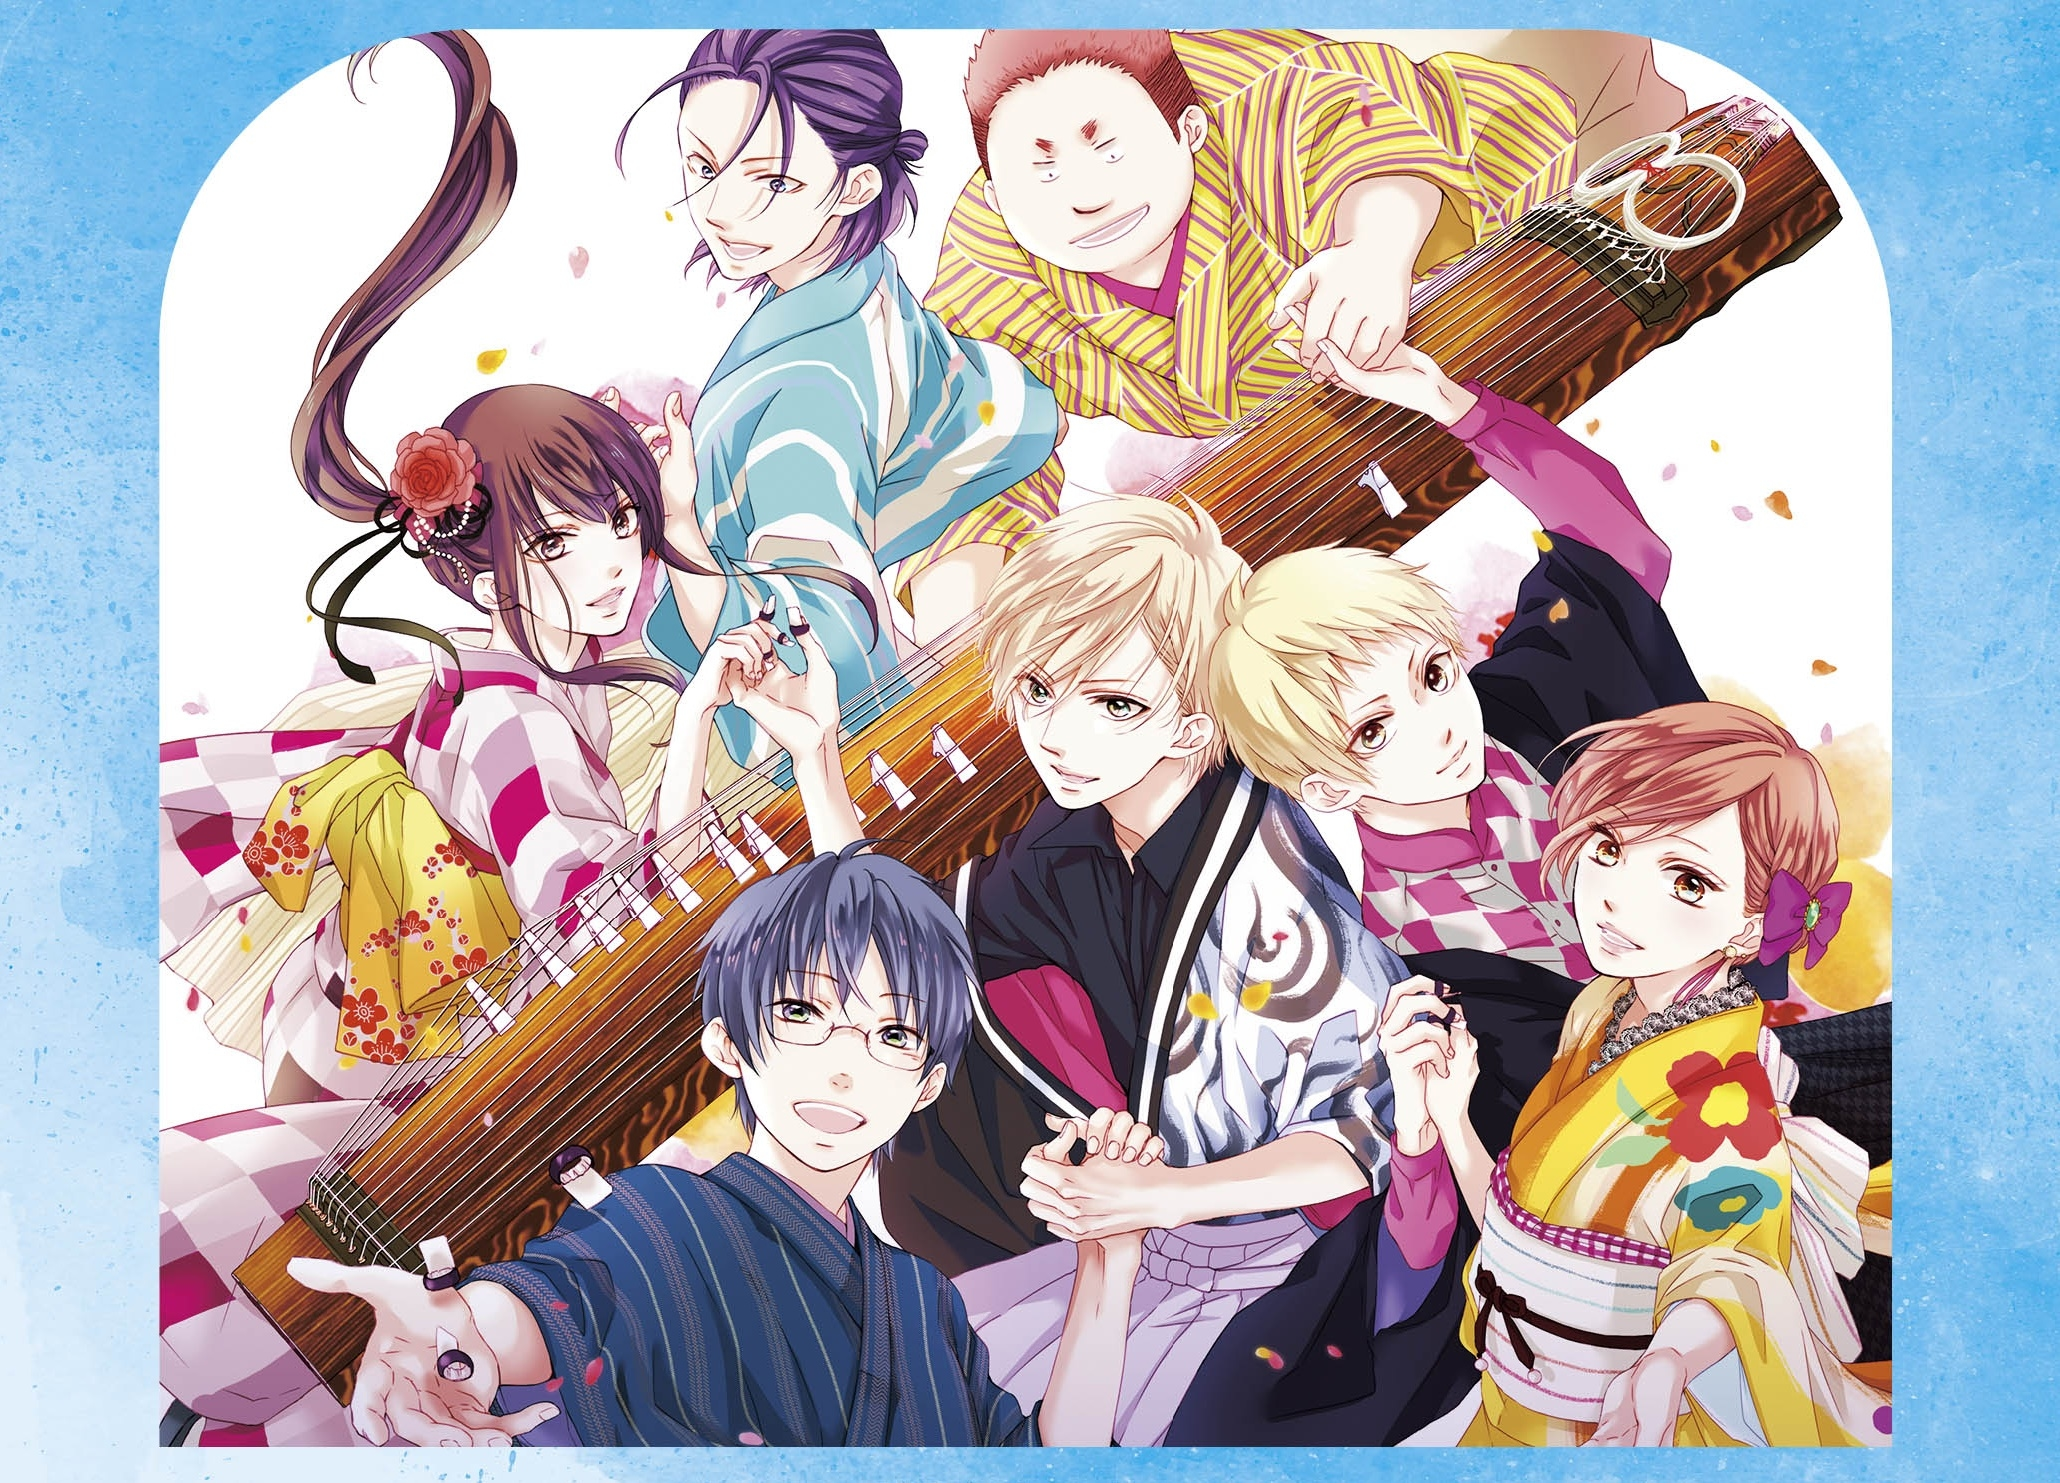 TVアニメ『この音とまれ!』箏曲CD&BD Vol.7 ジャケット公開